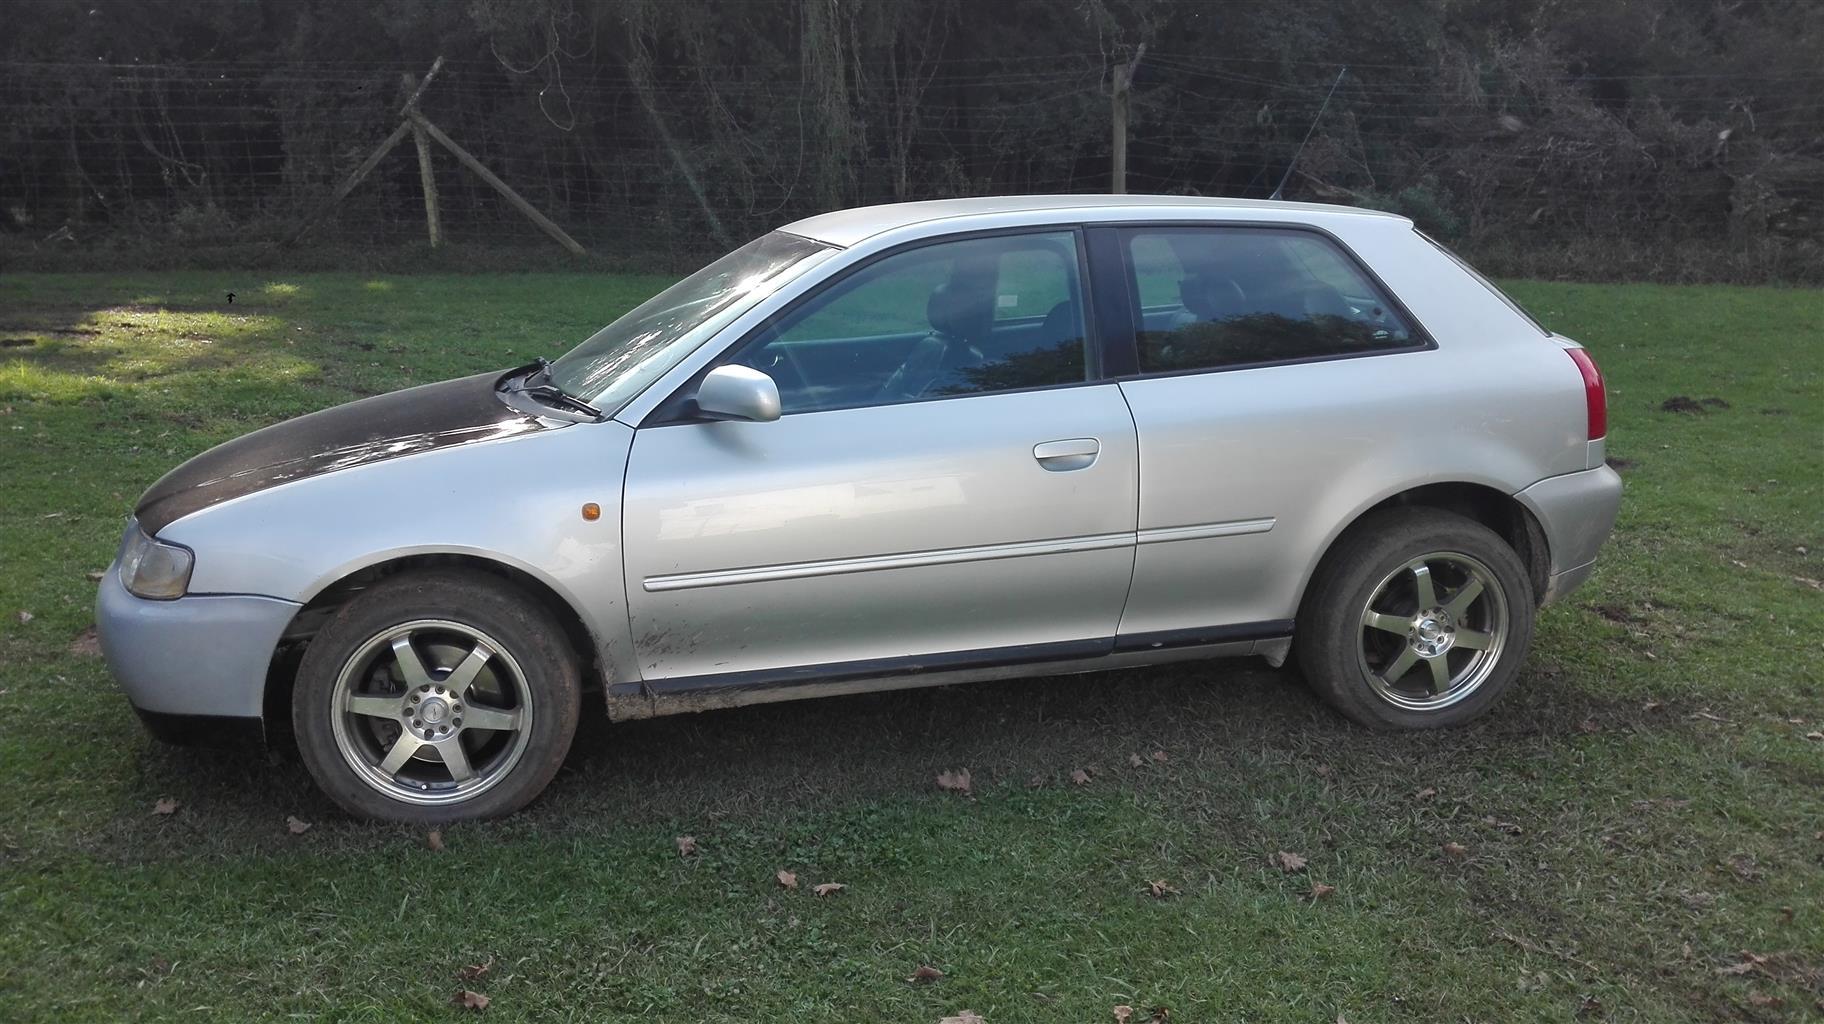 hatchback audi quattro sedan luxury used atlanta at premium detail